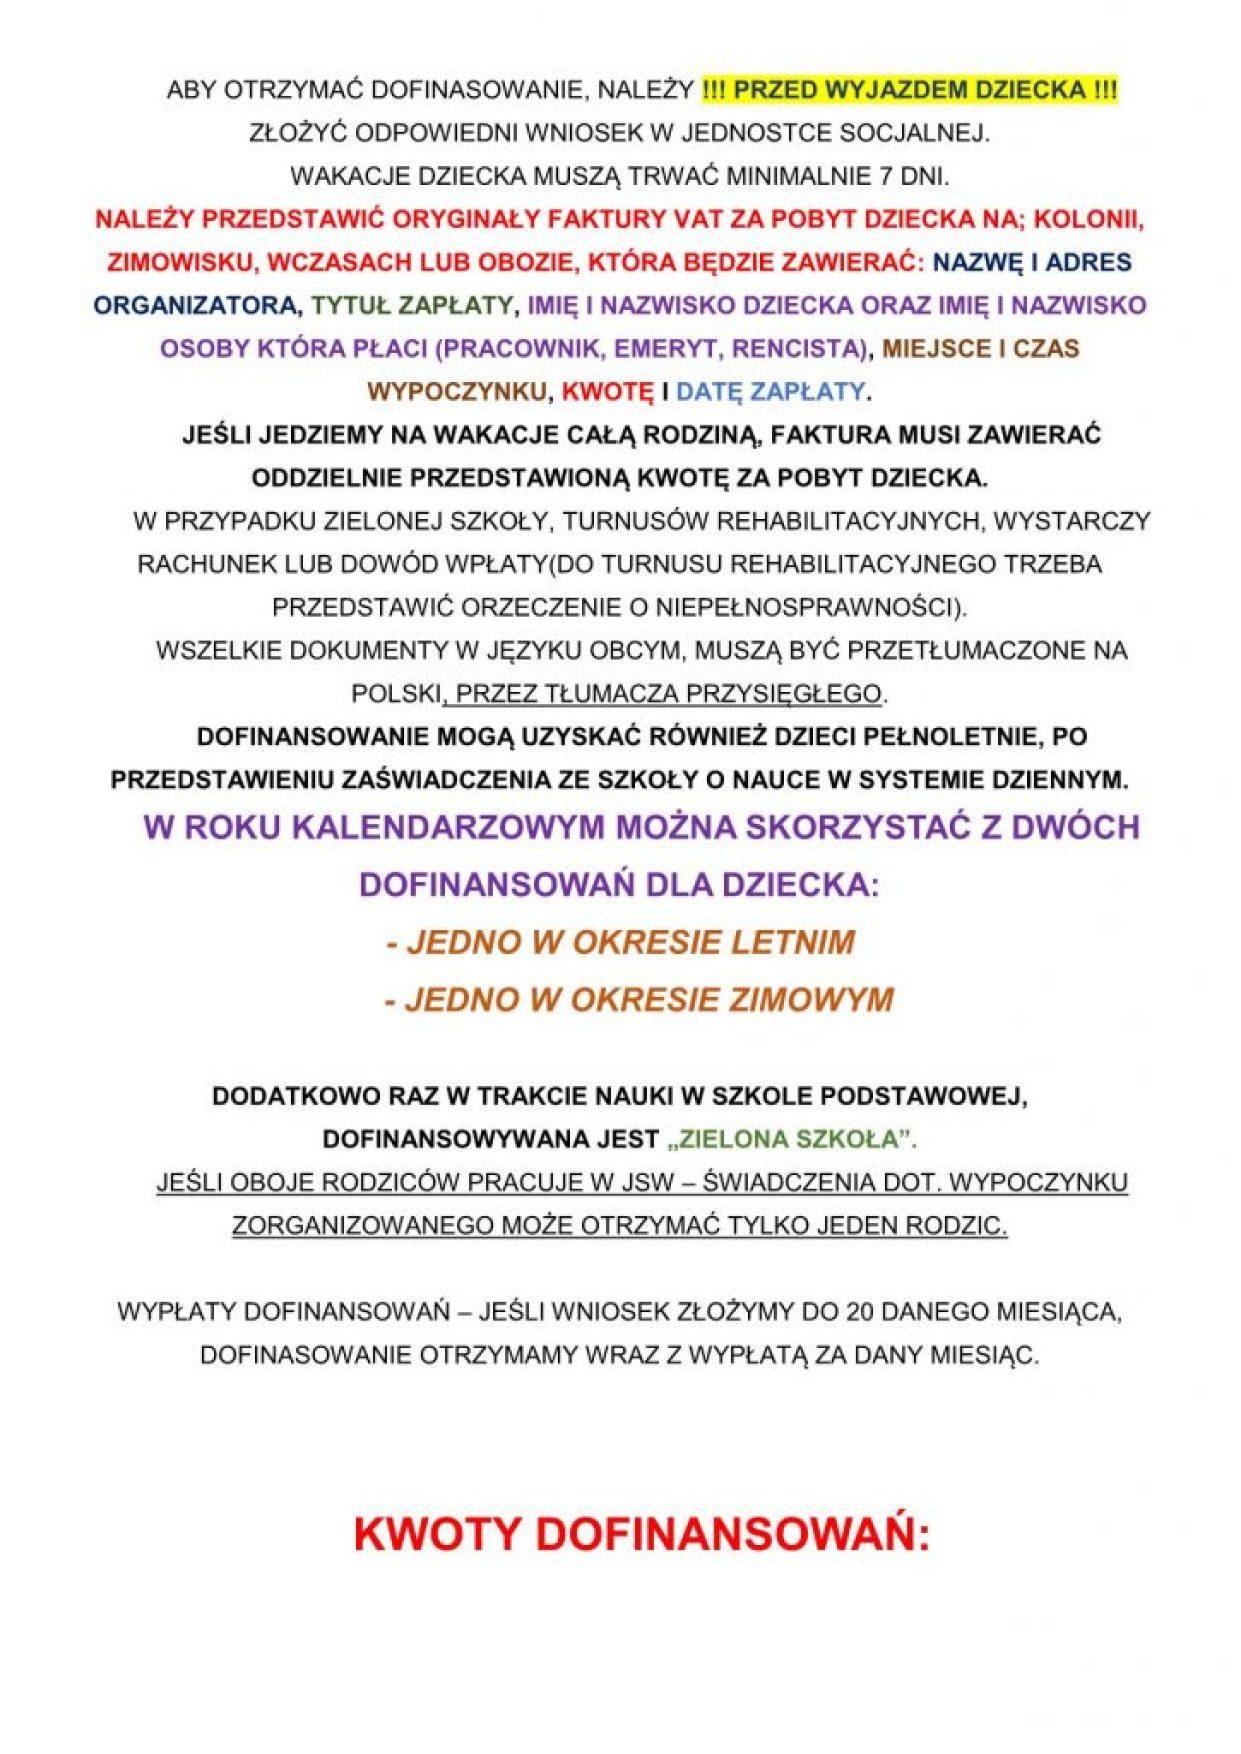 FUNDUSZ SOCJALNY INFO DO GABLOTY_3